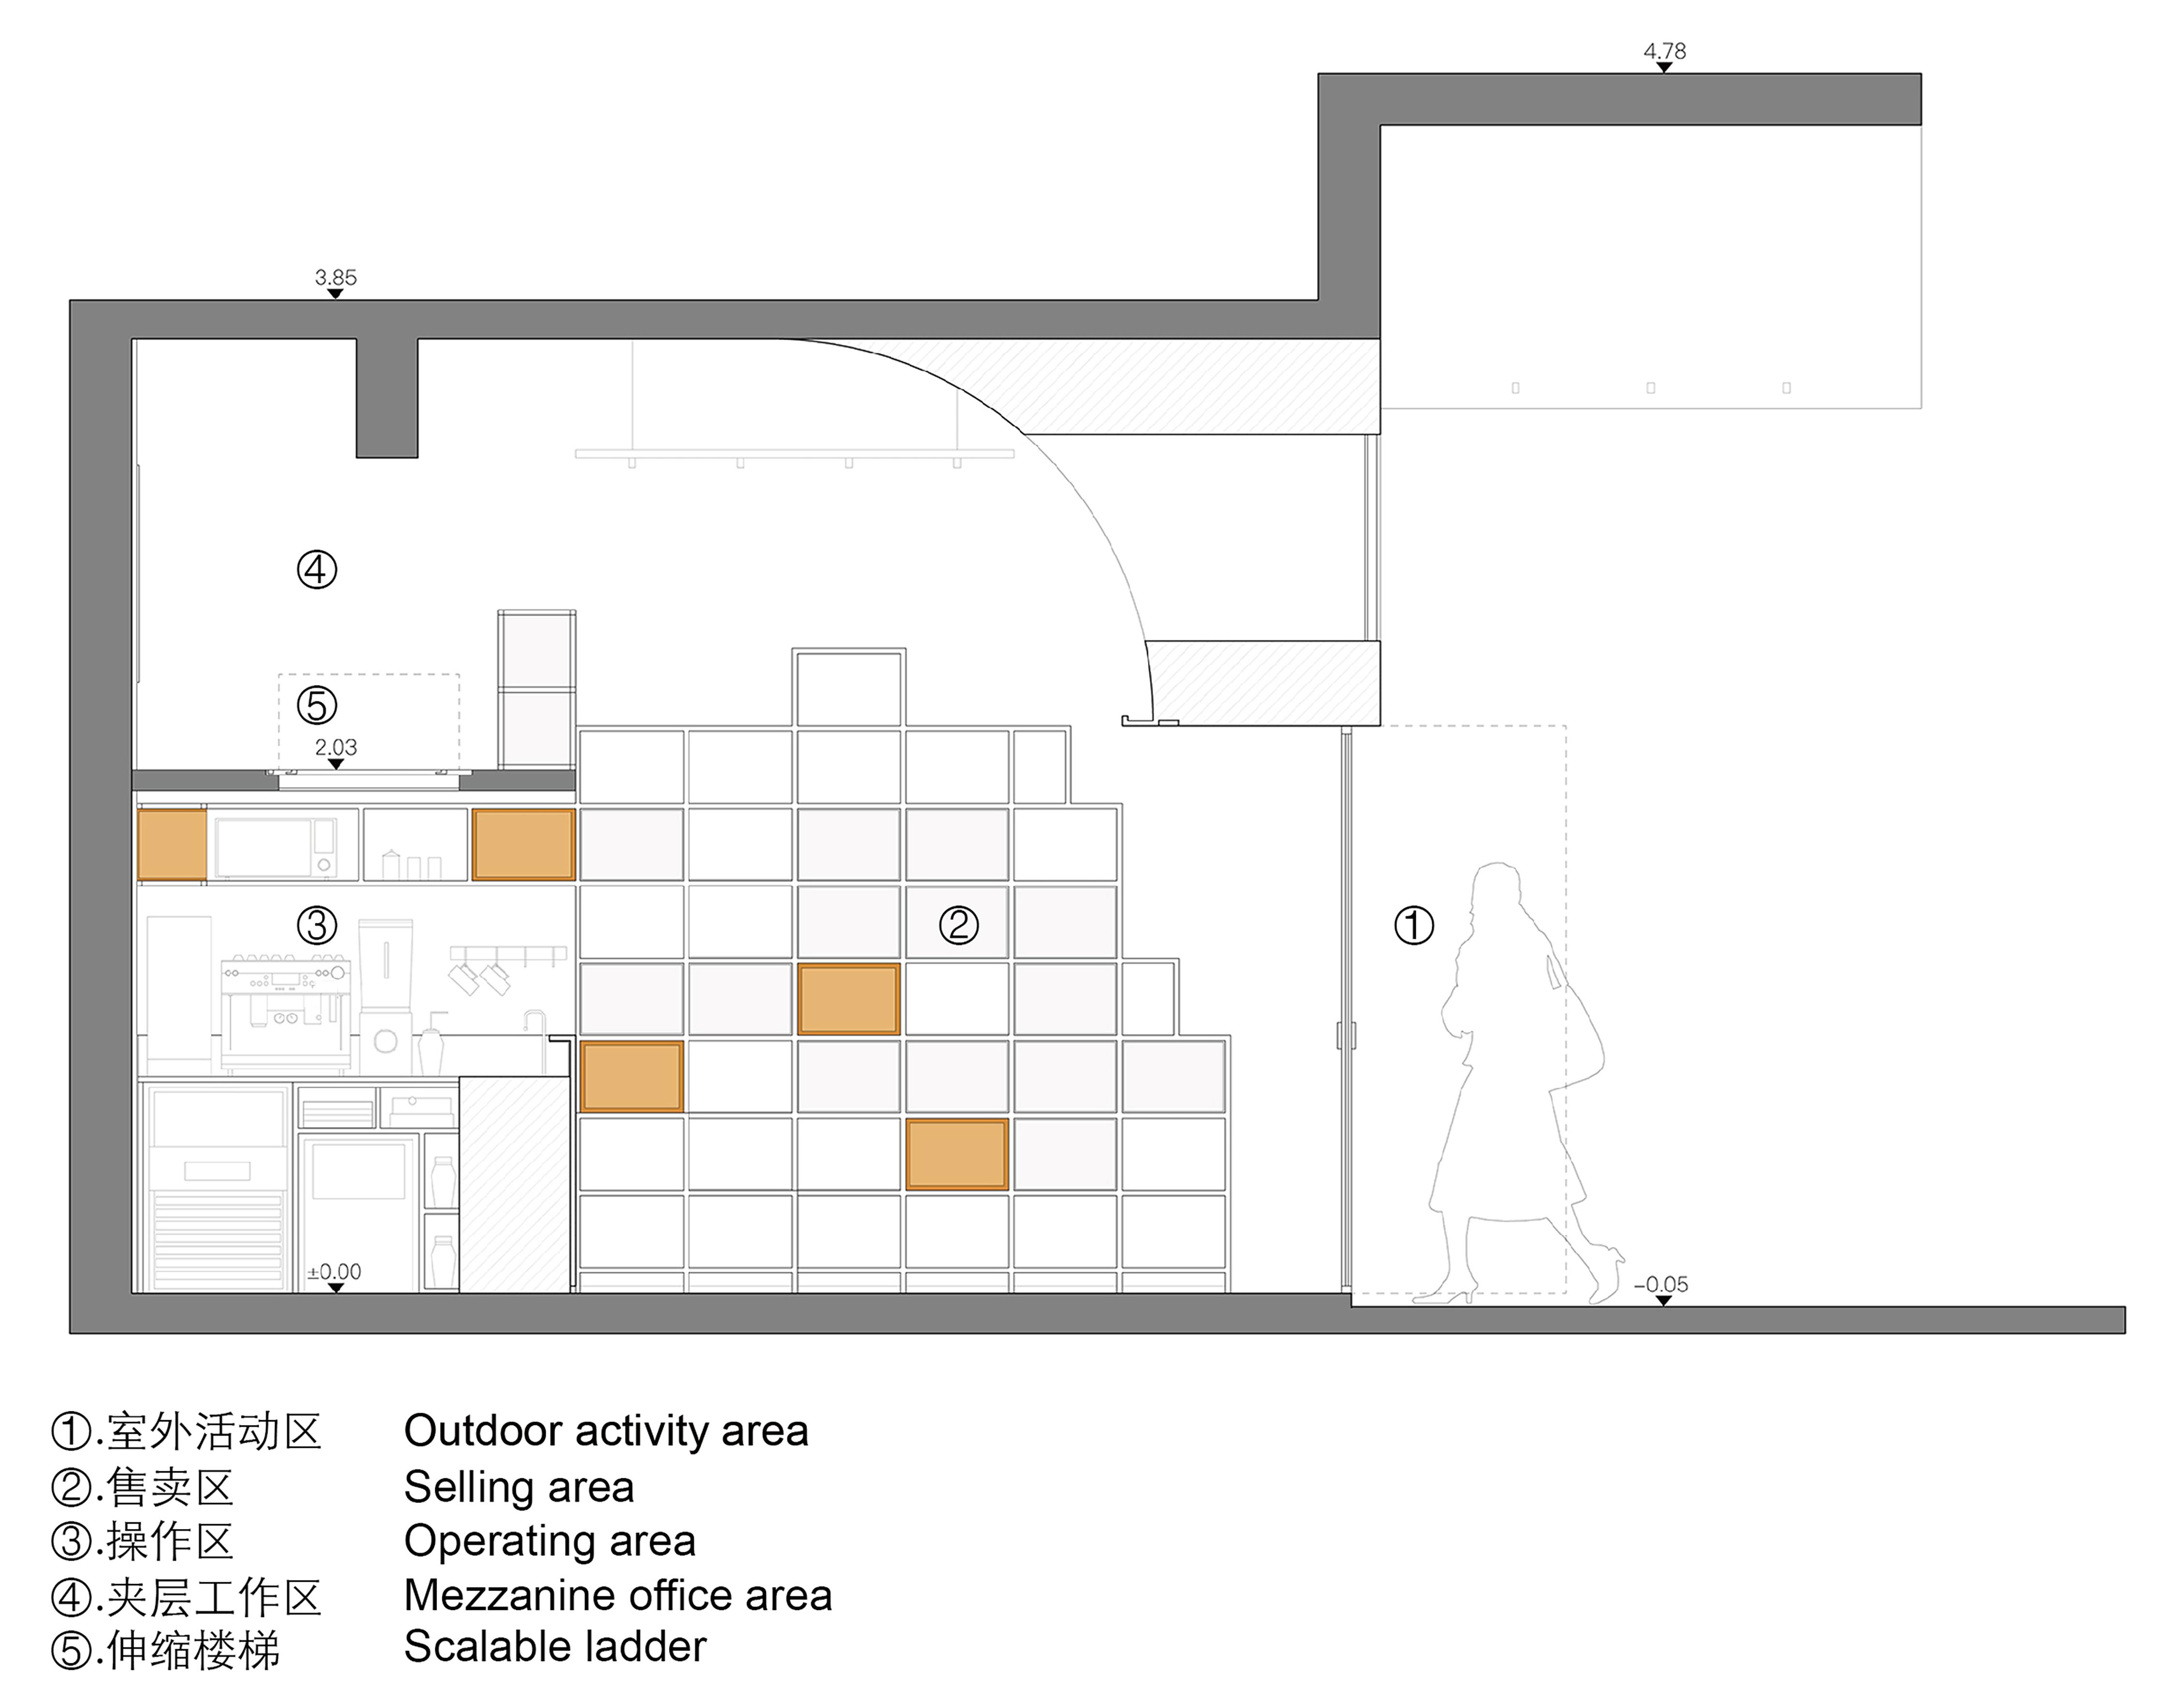 08 集屿剖面图,一乘建筑.jpg